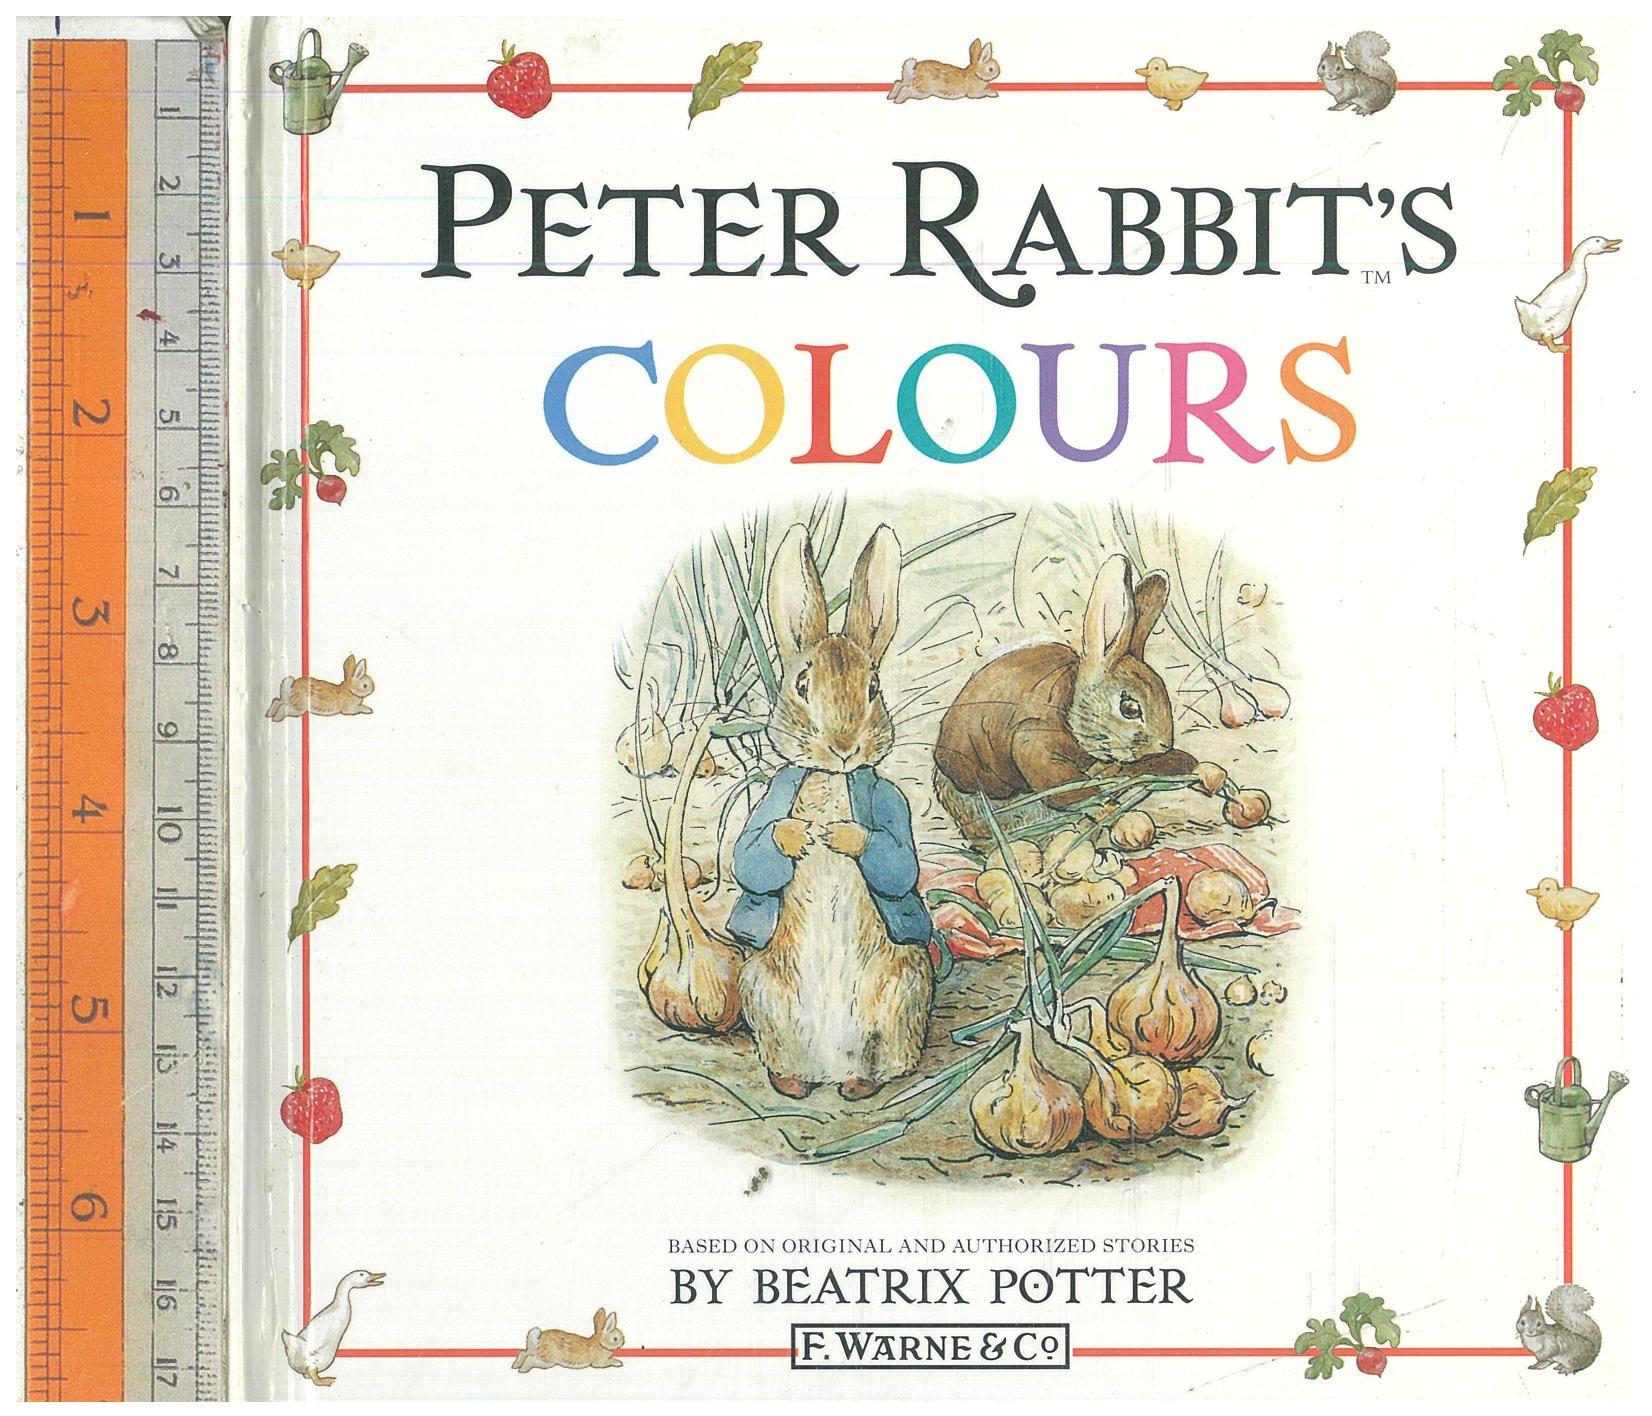 Peter Rabbit's colours